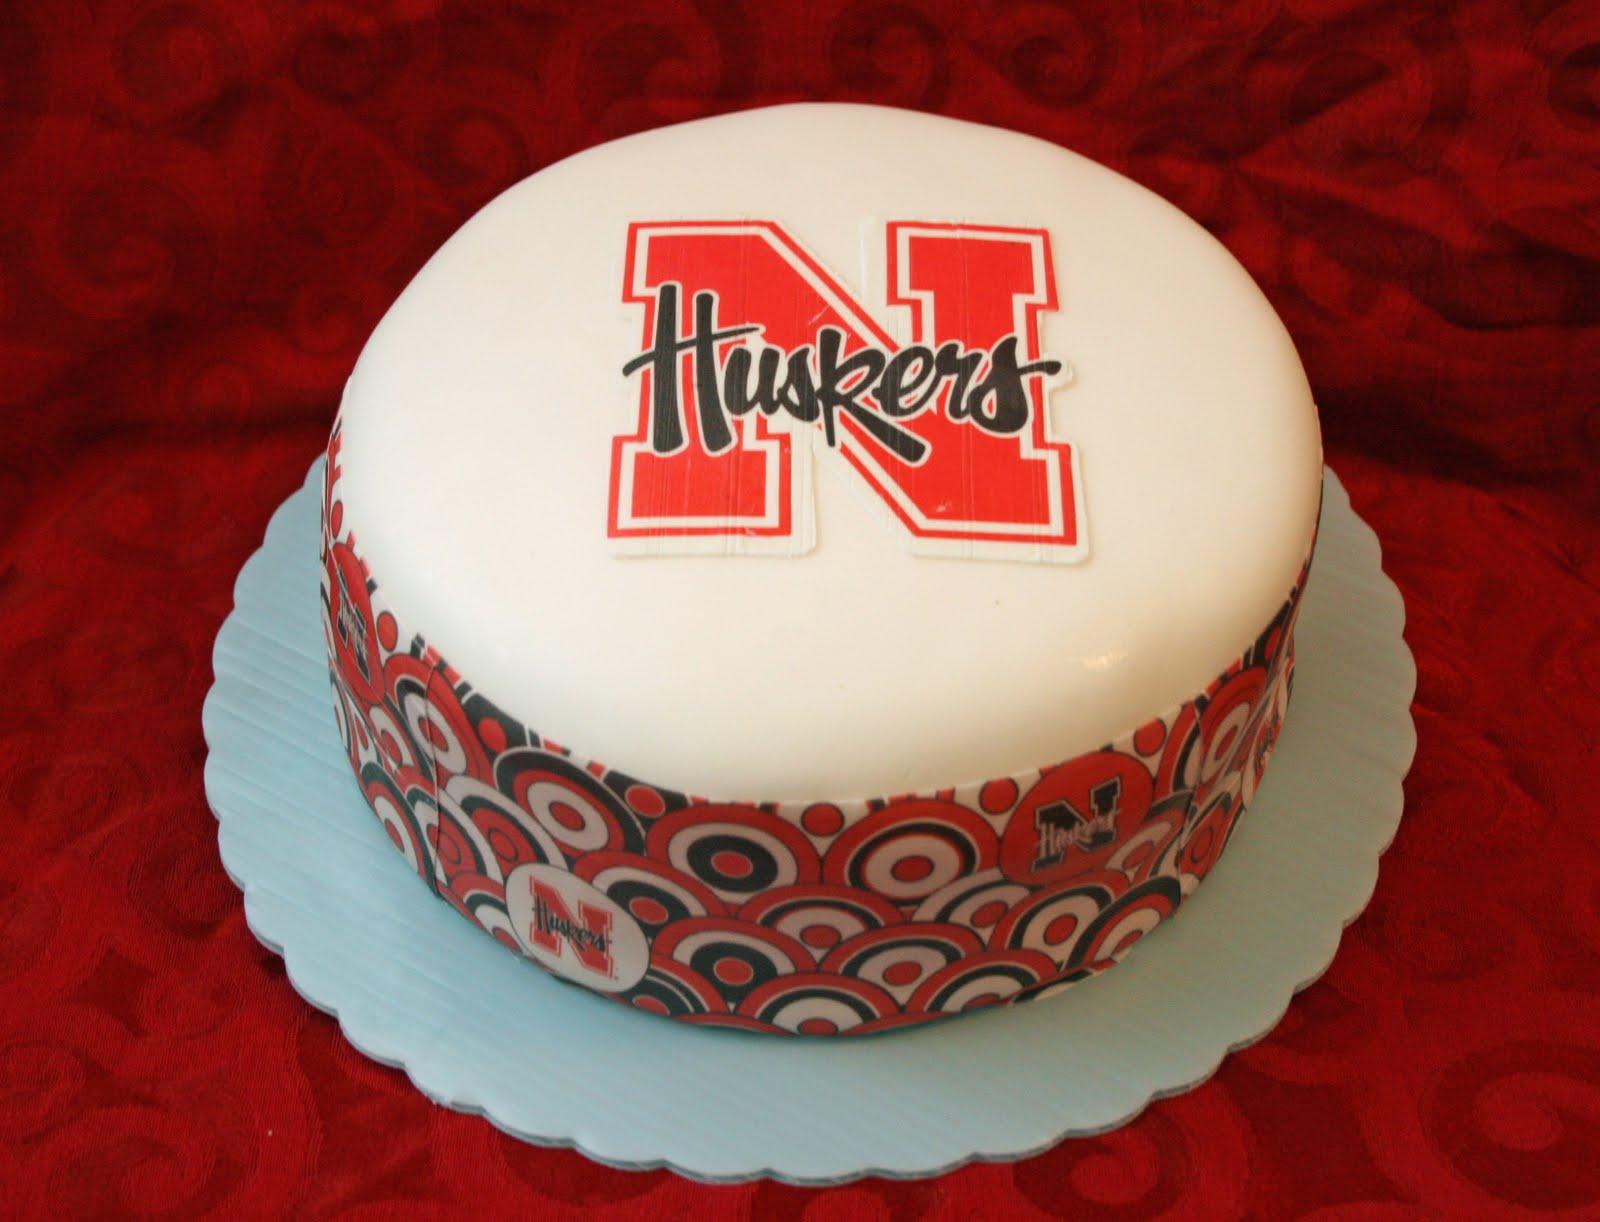 http://2.bp.blogspot.com/_4pnpOxCTd2A/TGFj0RTNOBI/AAAAAAAAC4U/eji4FR1zkfQ/s1600/nebraska+cake+finished.jpg